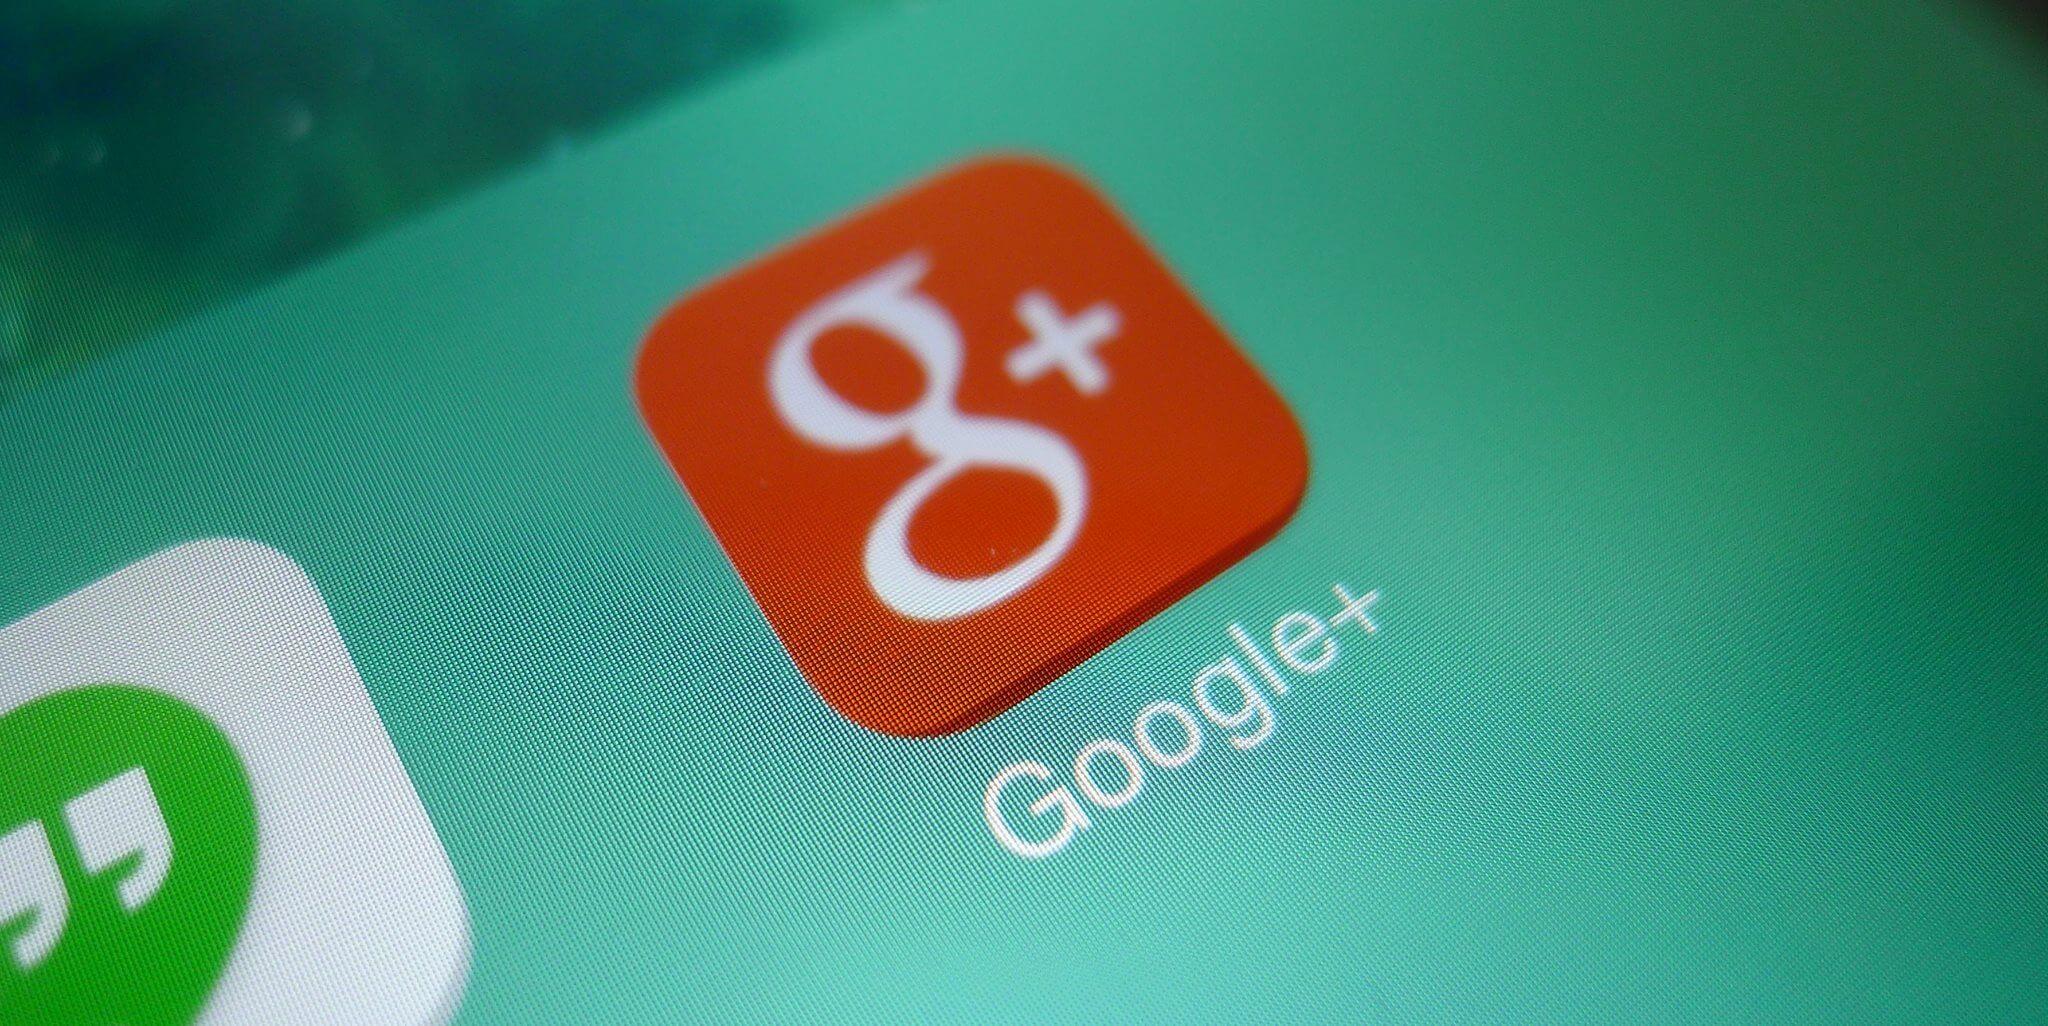 Google+ là gì, mạng xã hội, quảng cáo, tìm kiếm thông tin, sử dụng Google+, hiệu quả Google+